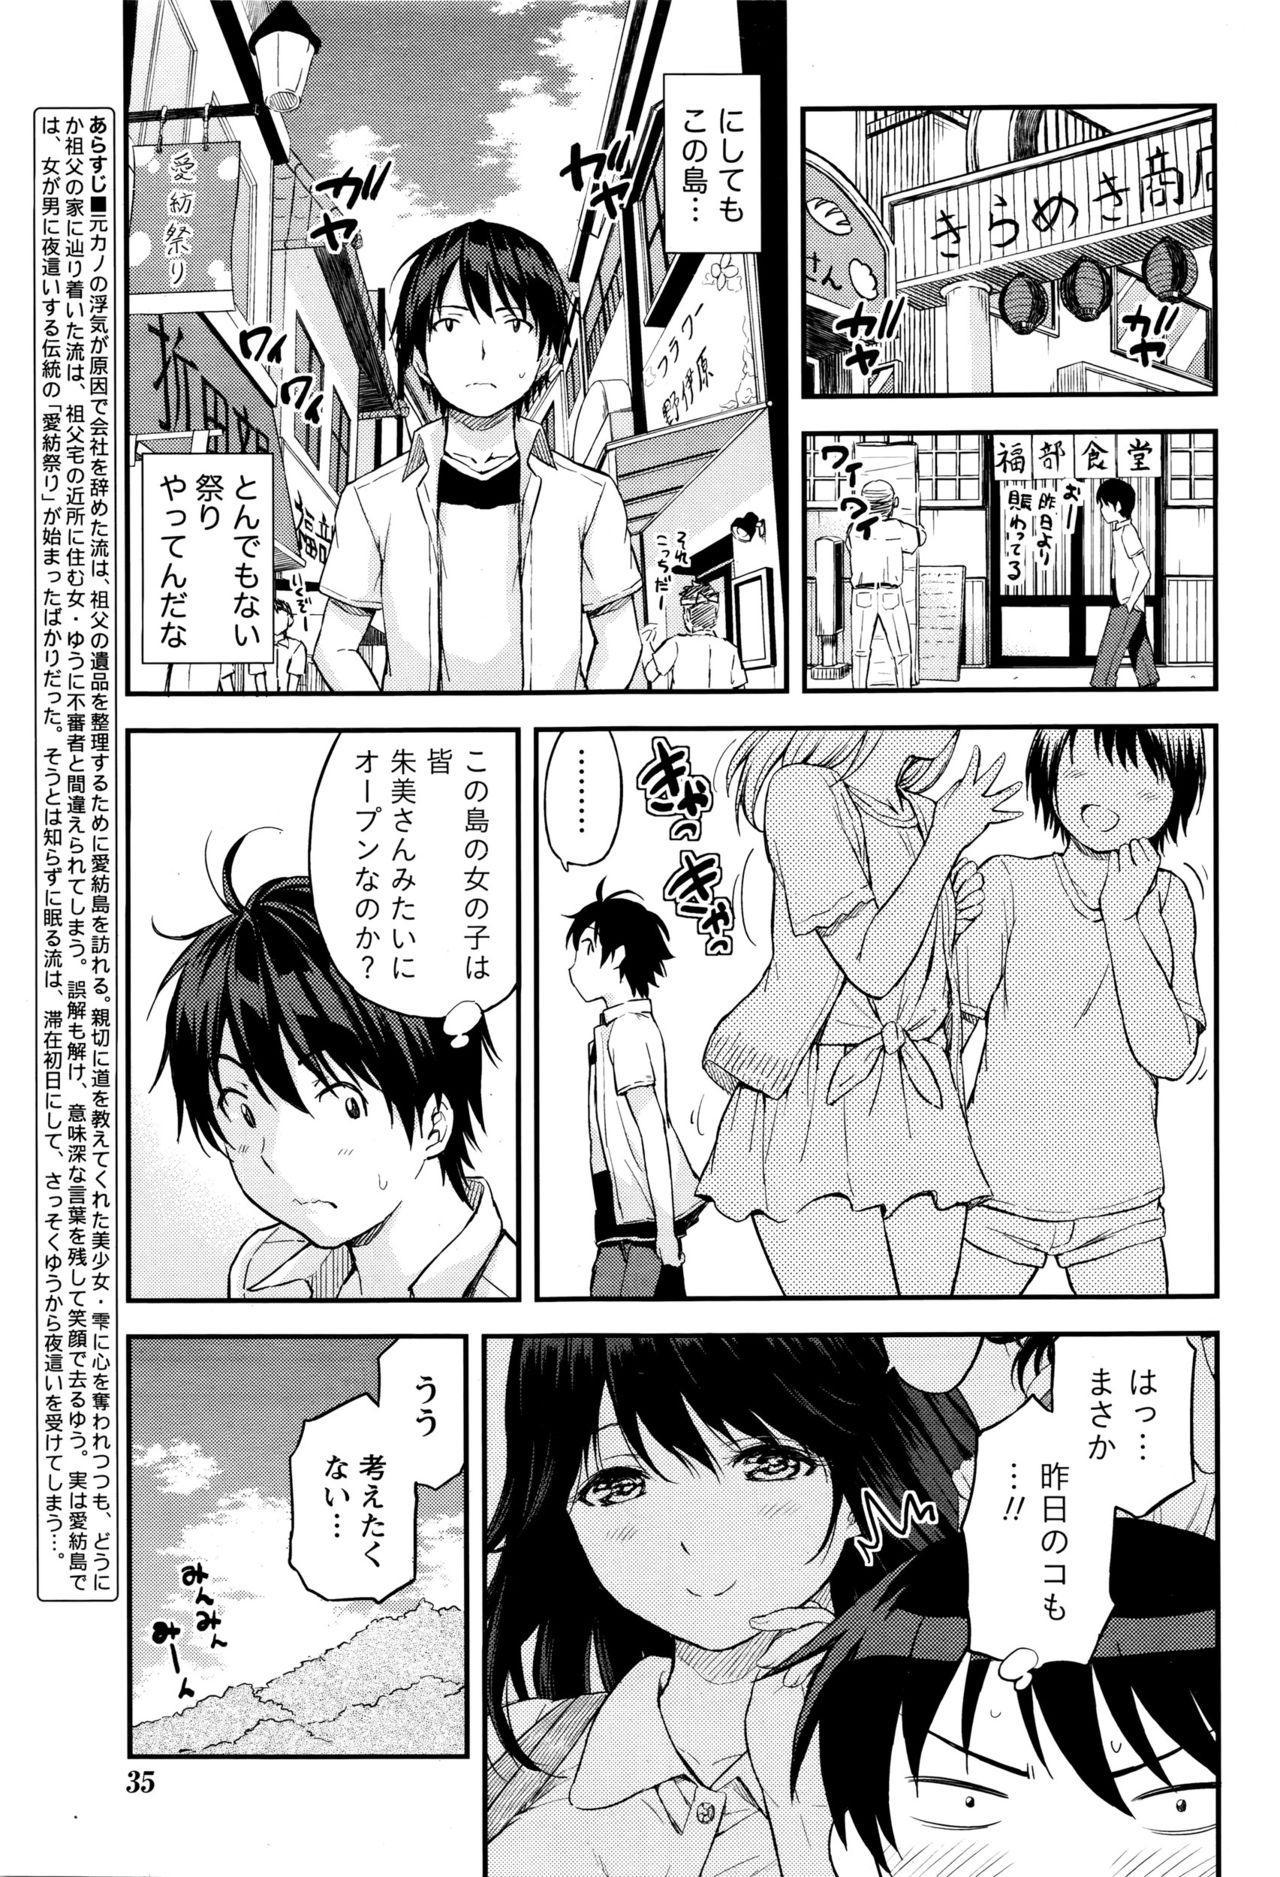 [Higashino Mikan] Atsumujima no Megumi-sama - Goddess of Atsumu-Island 25